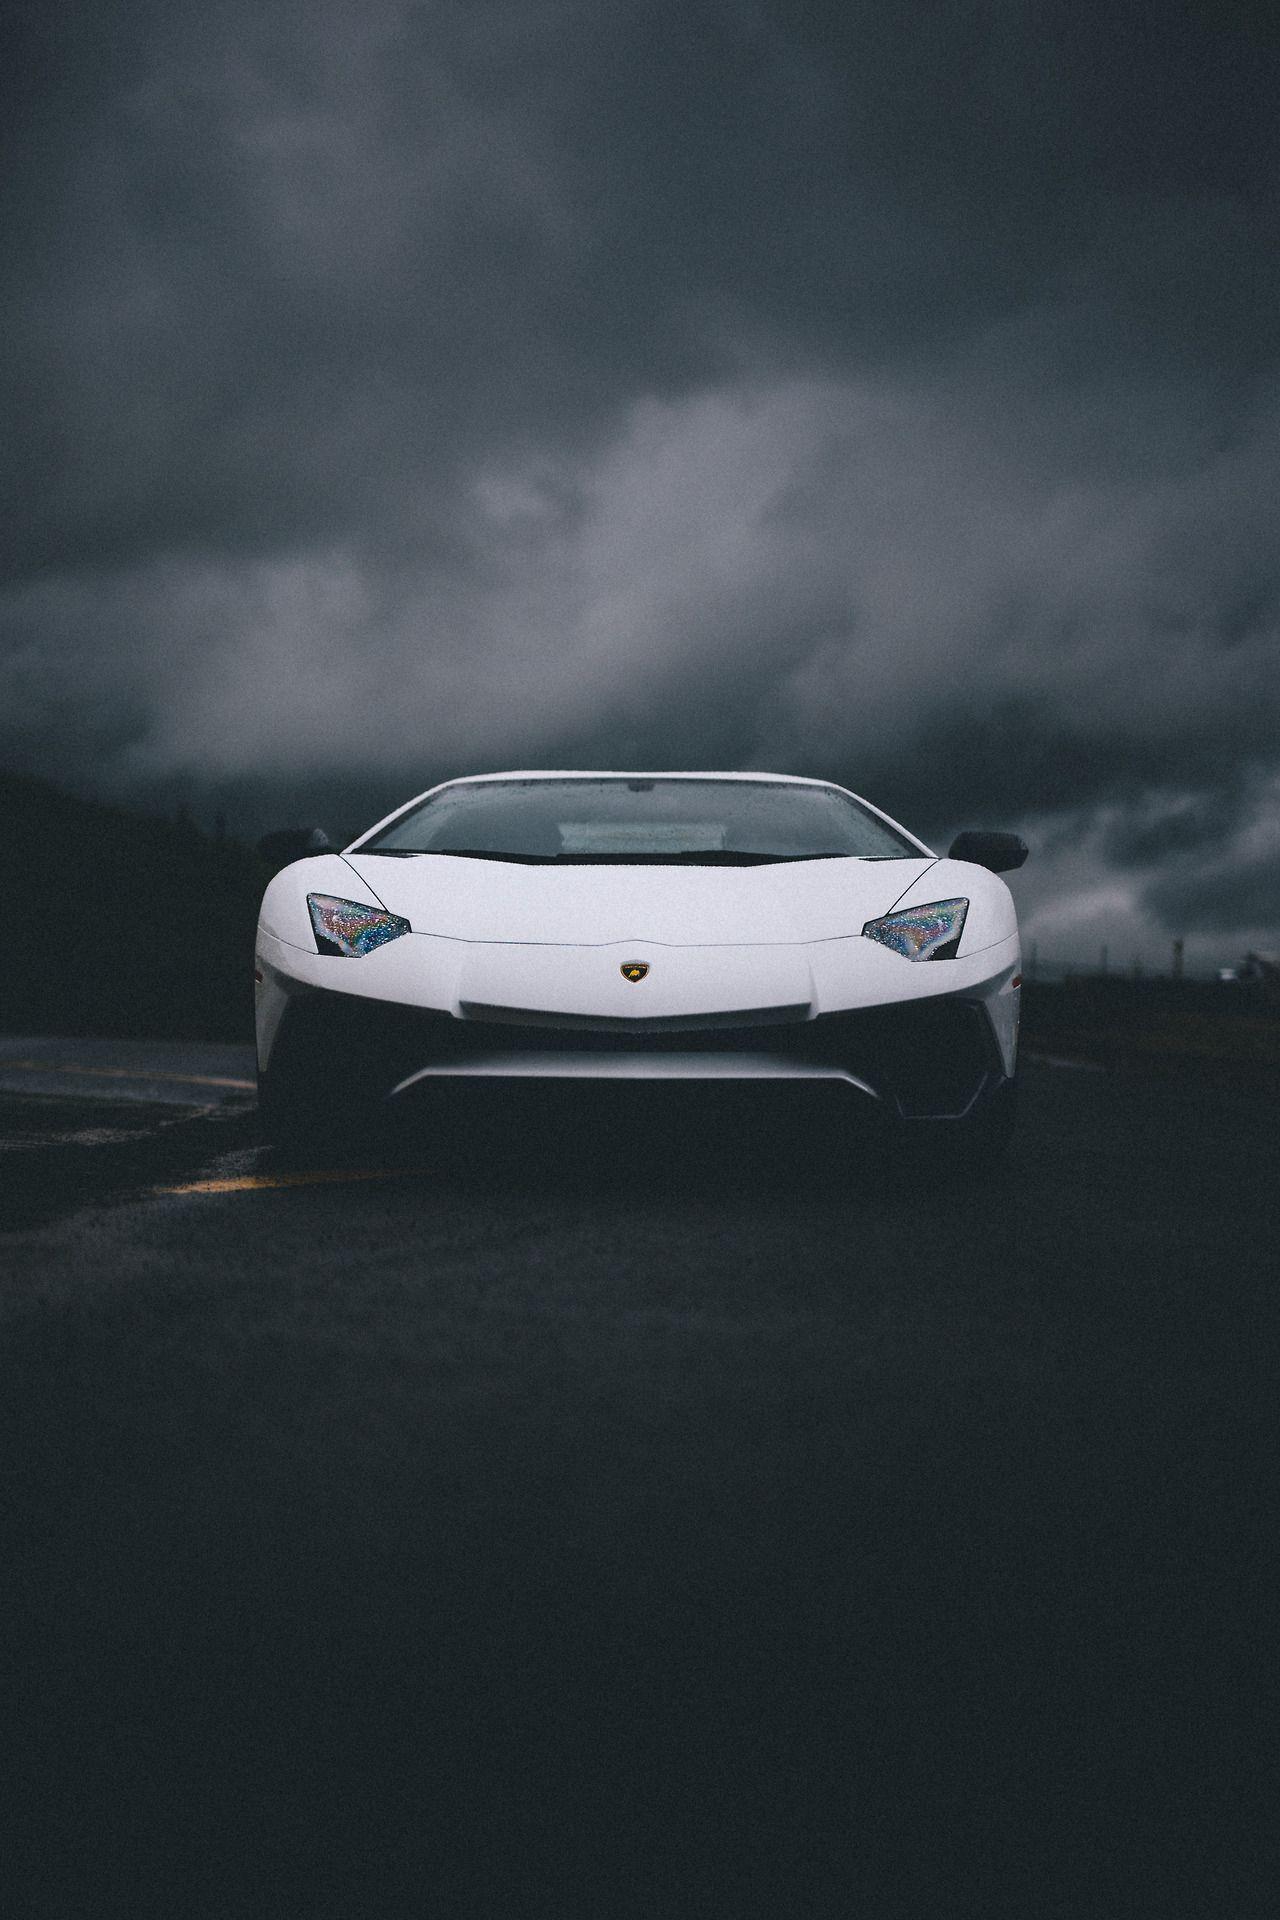 Pin By Samraj Nikhil Shelton On Lambo Lamborghini Car